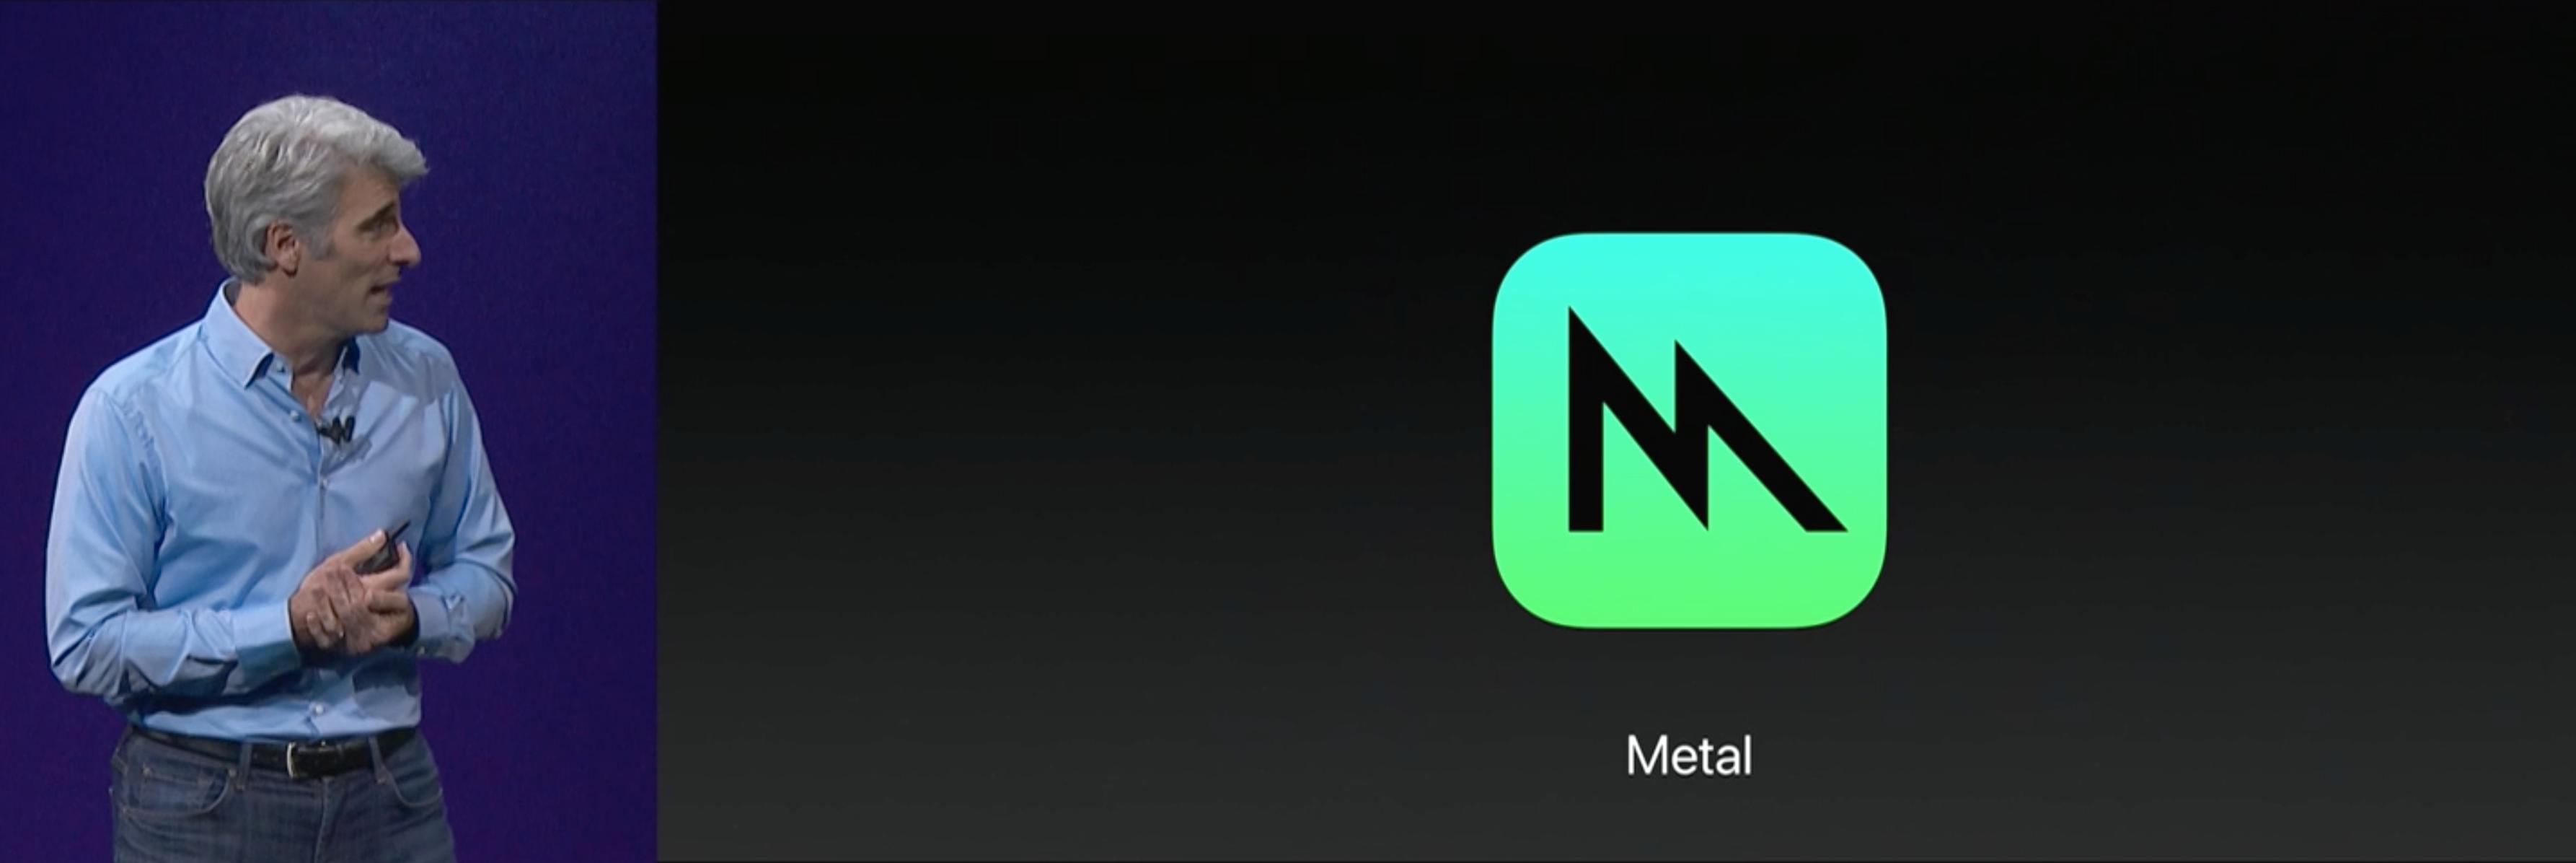 Apples Metal-programvare er blitt mer avansert og oppgradert.